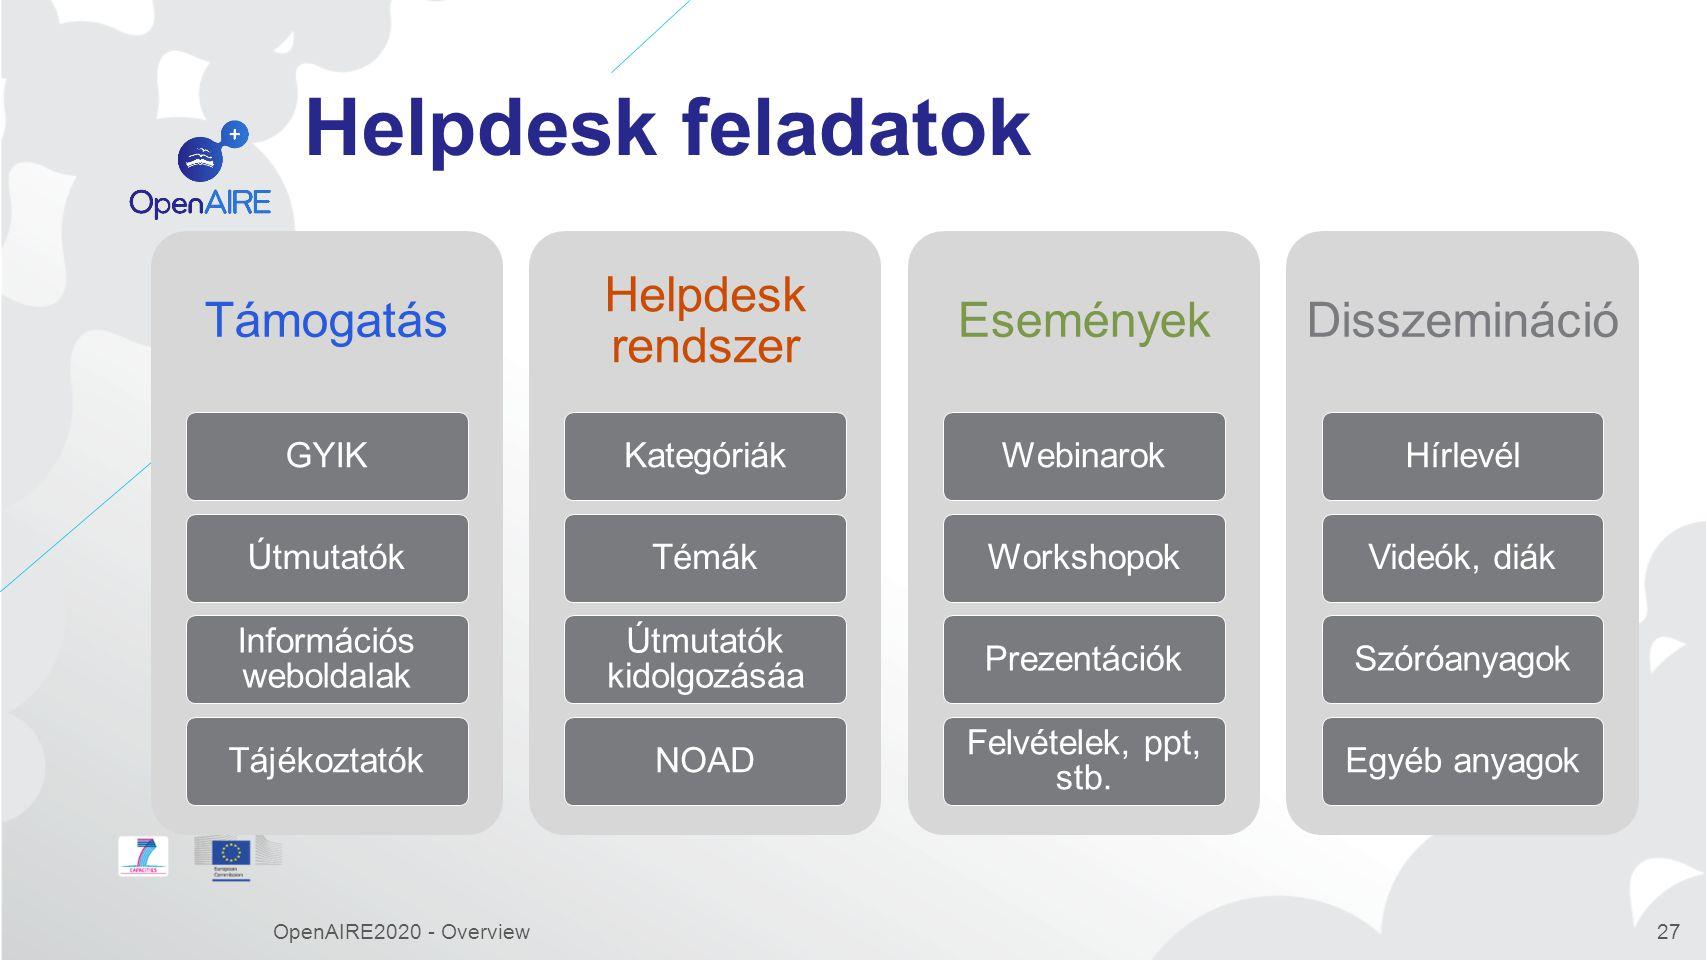 Helpdesk feladatok OpenAIRE2020 - Overview Támogatás GYIK Útmutatók